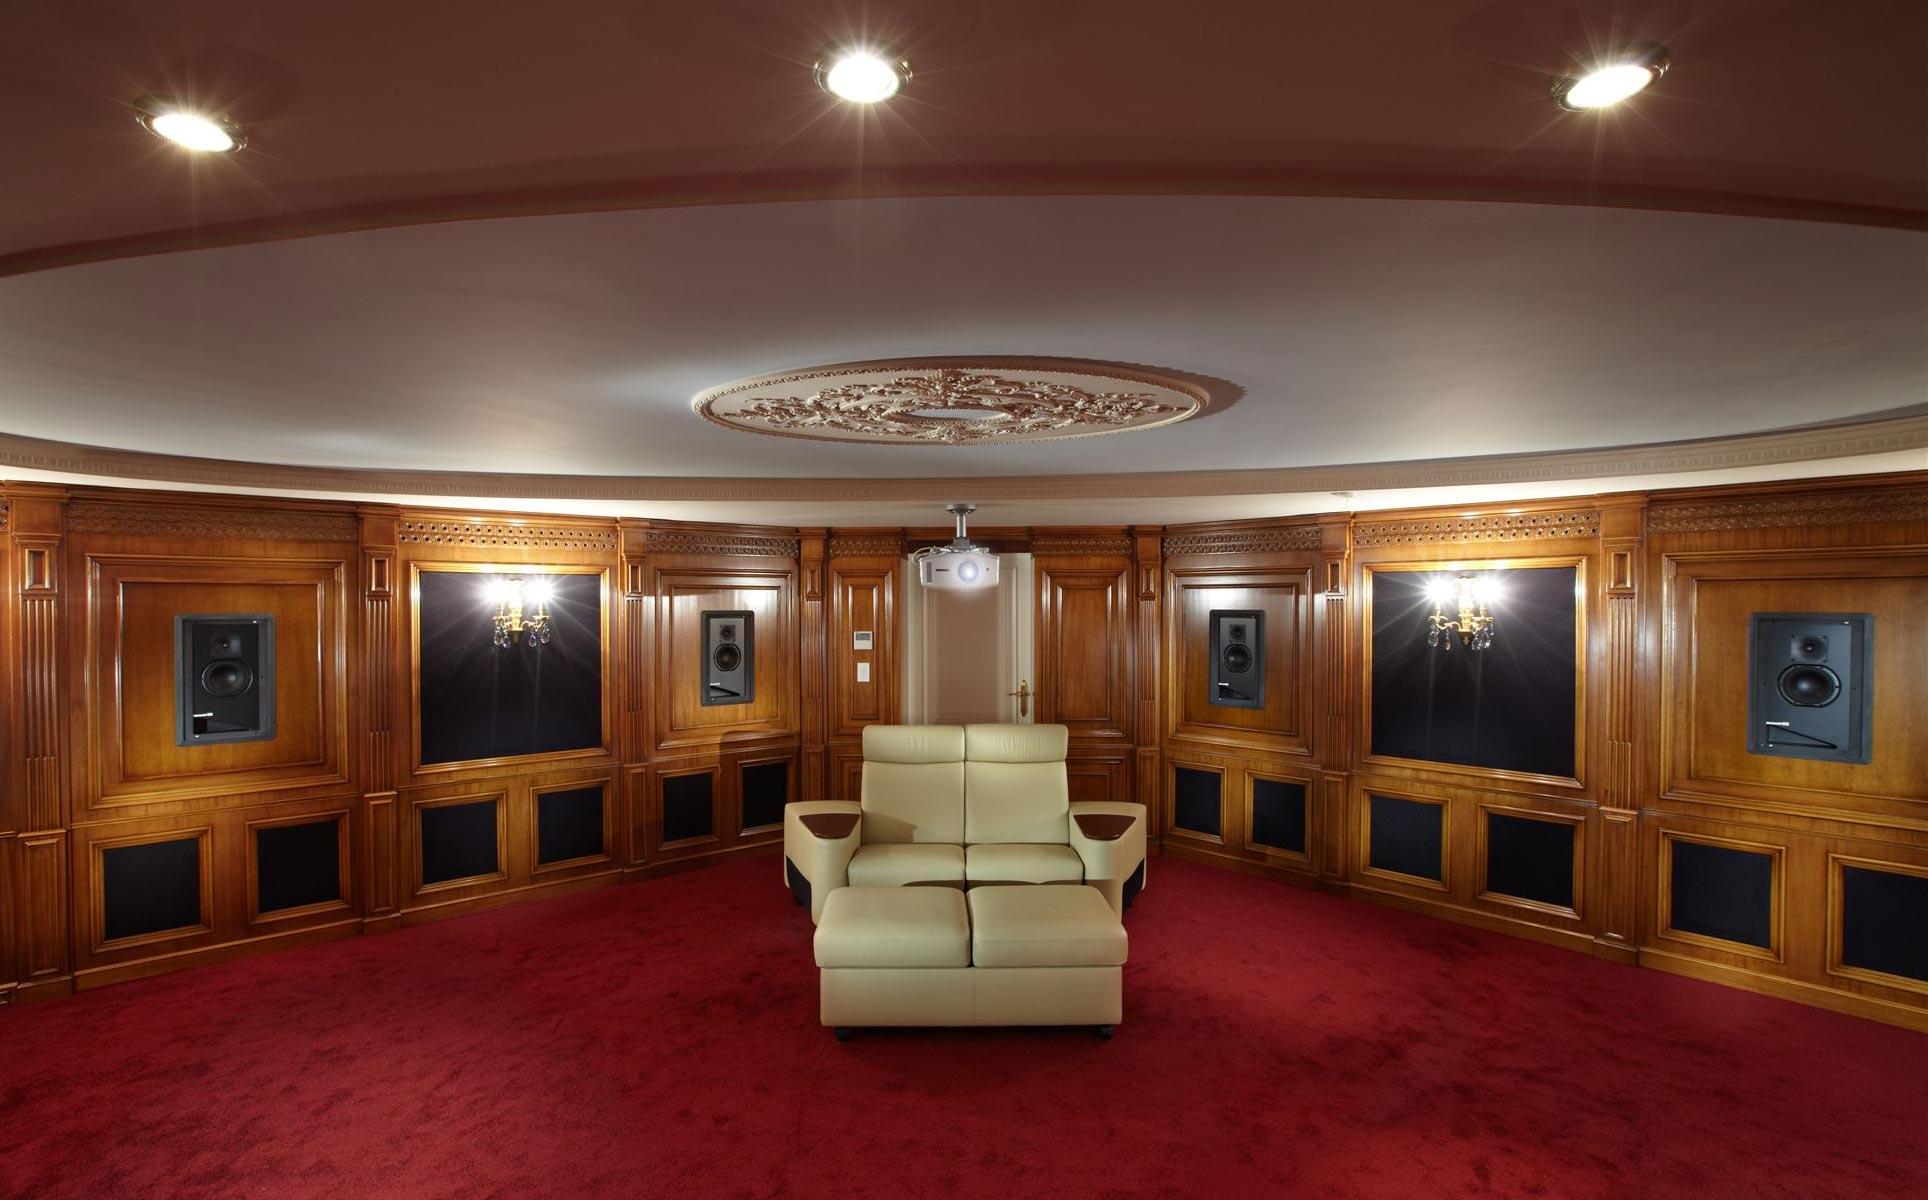 Arredamento classico economico la migliore scelta di - Arredamento casa economico ...